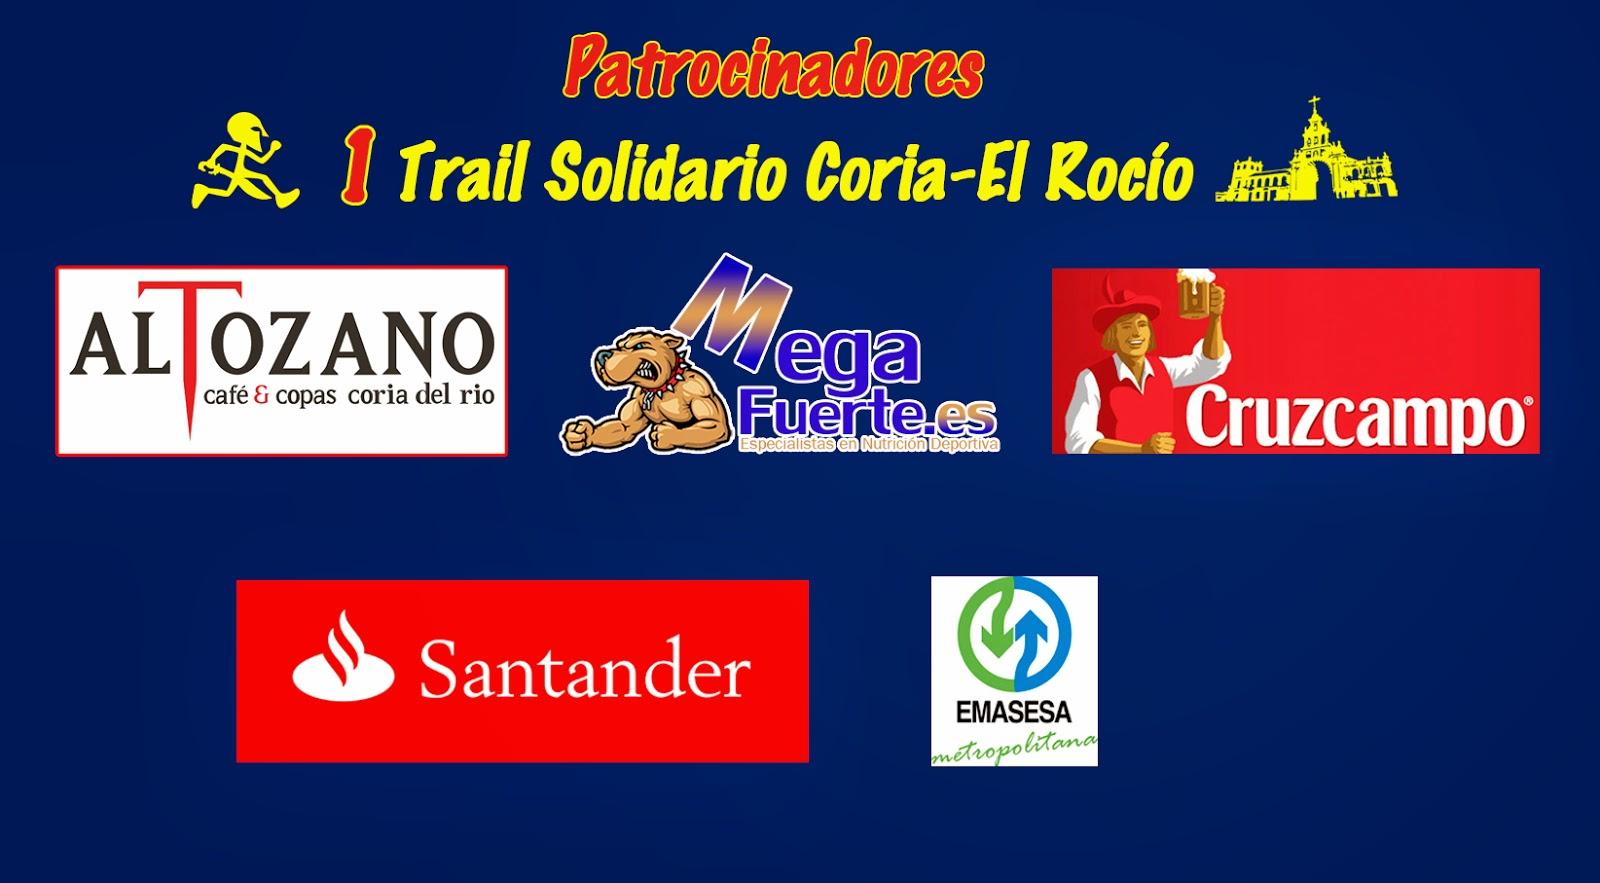 Club deportivo hispanos i trail solidario coria el roc o for Oficina 0049 banco santander